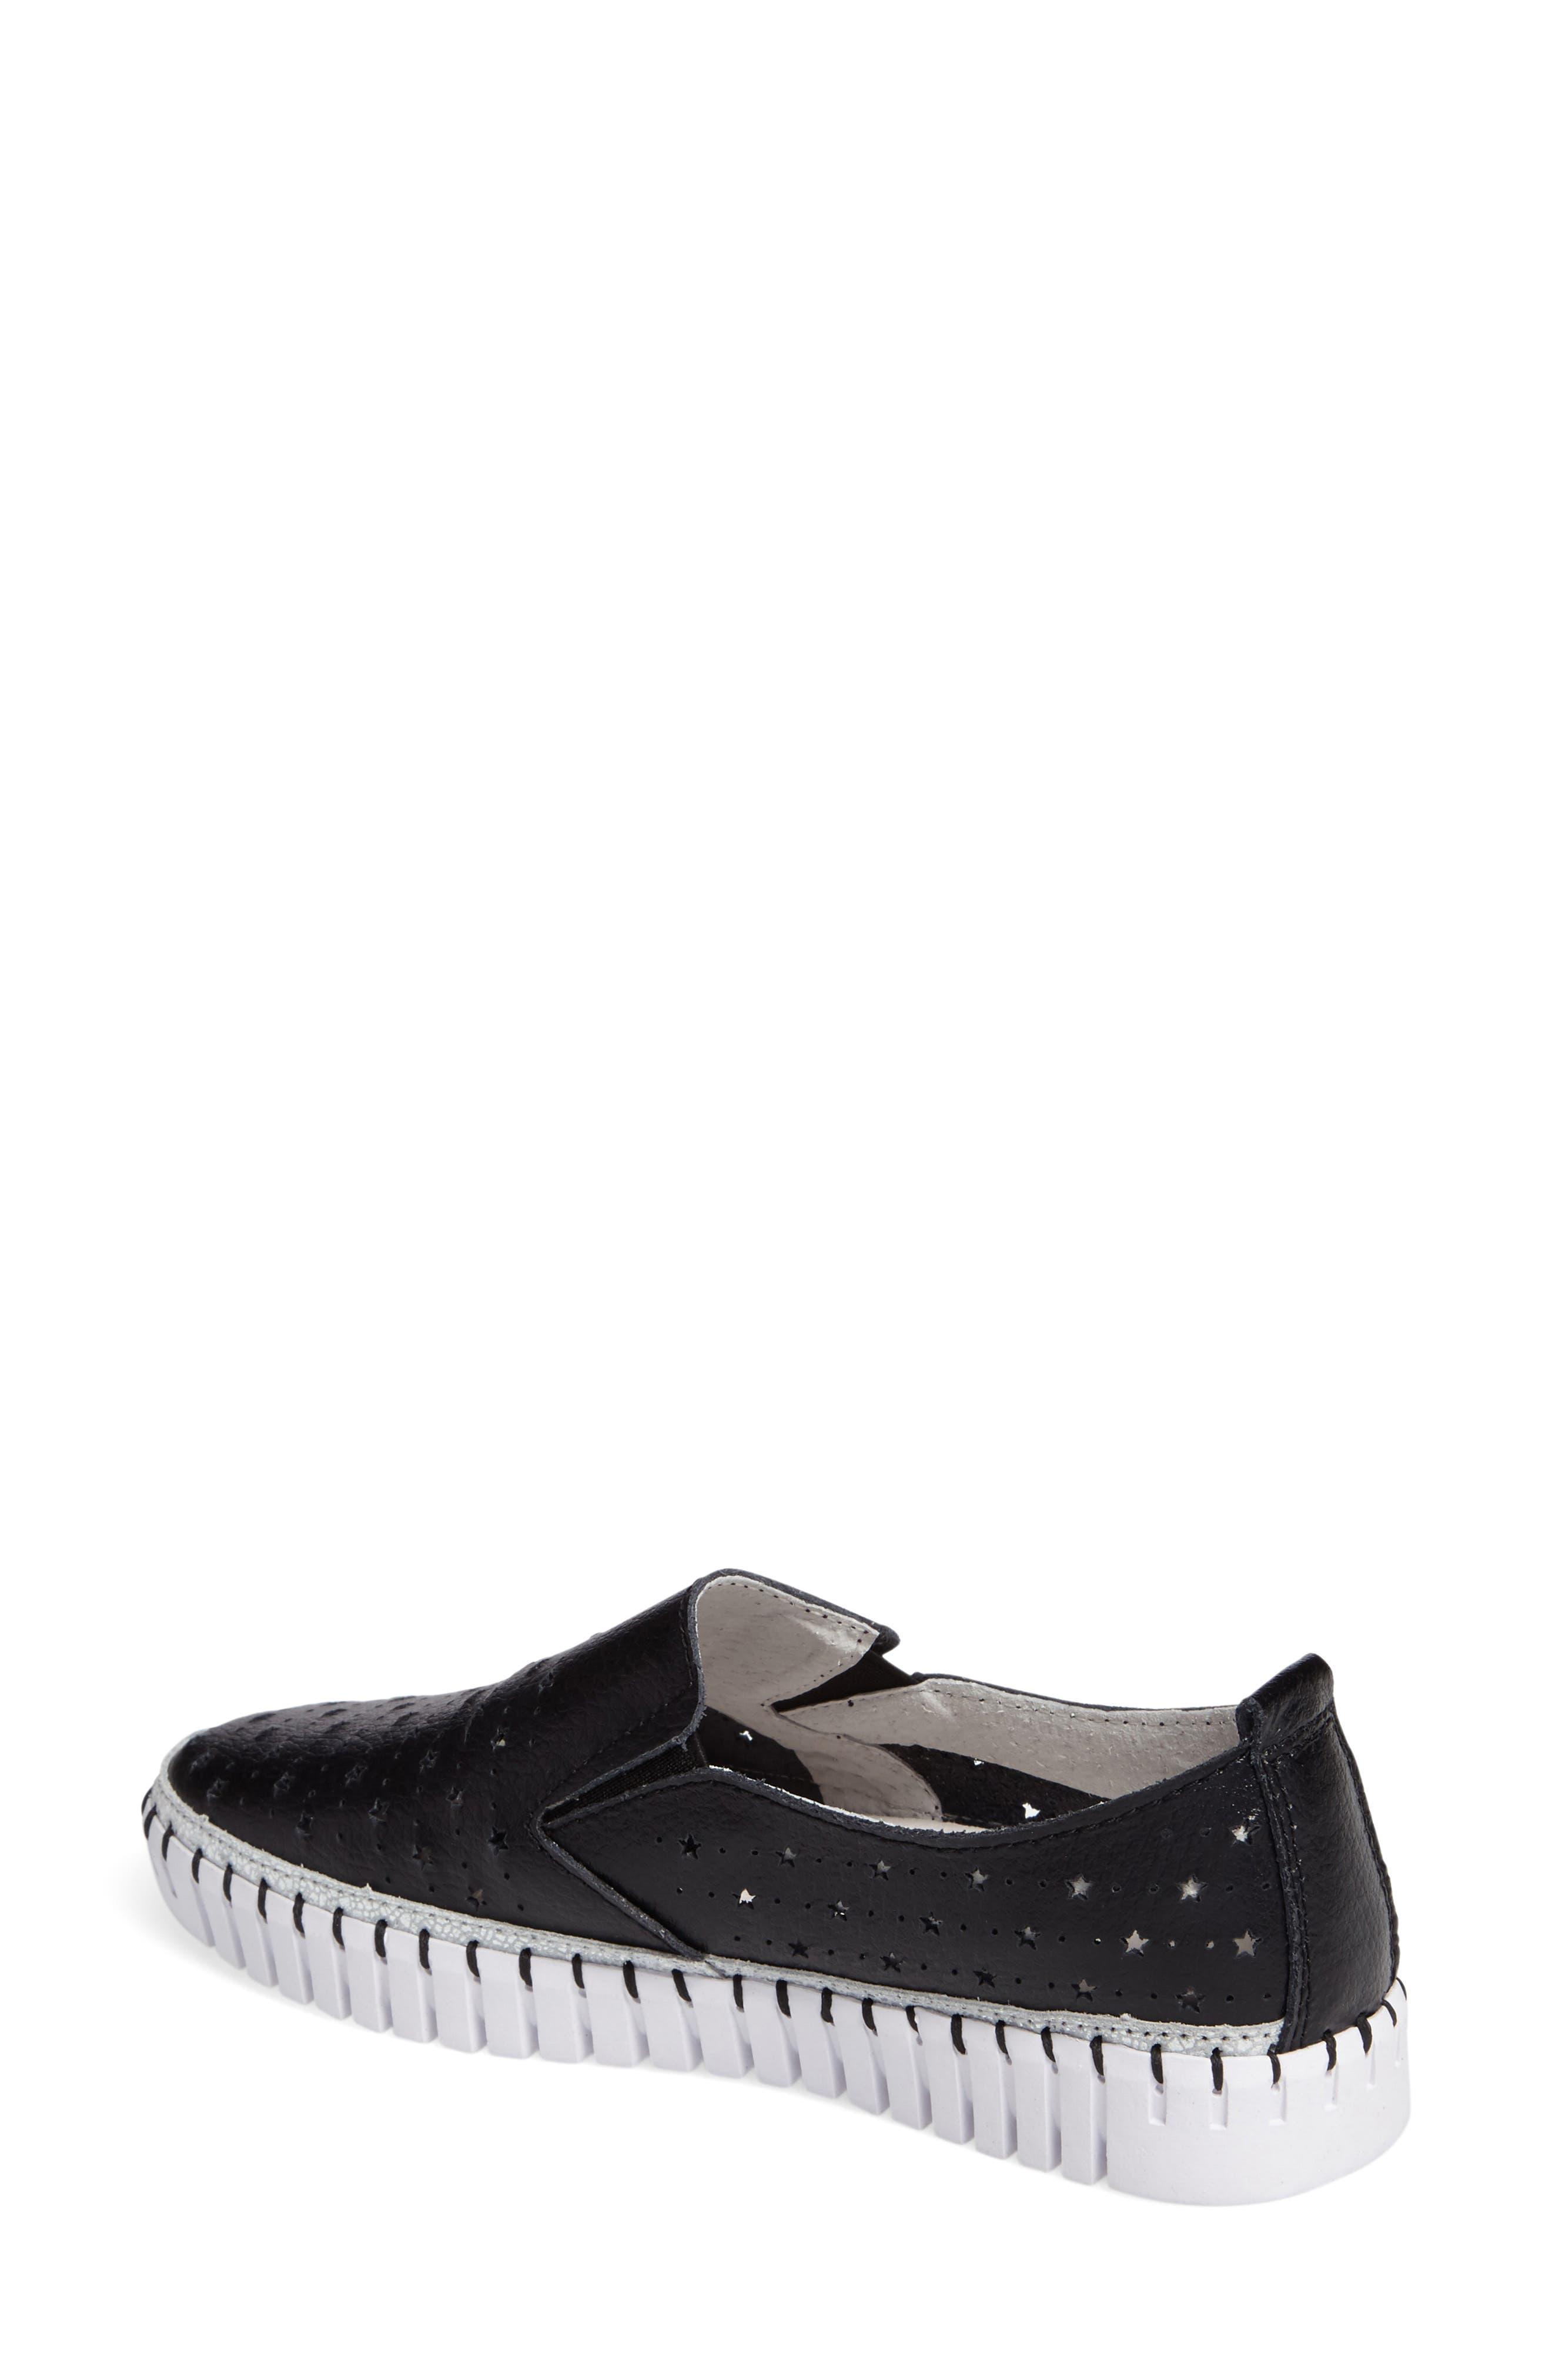 TW40 Slip-On Sneaker,                             Alternate thumbnail 2, color,                             BLACK LEATHER